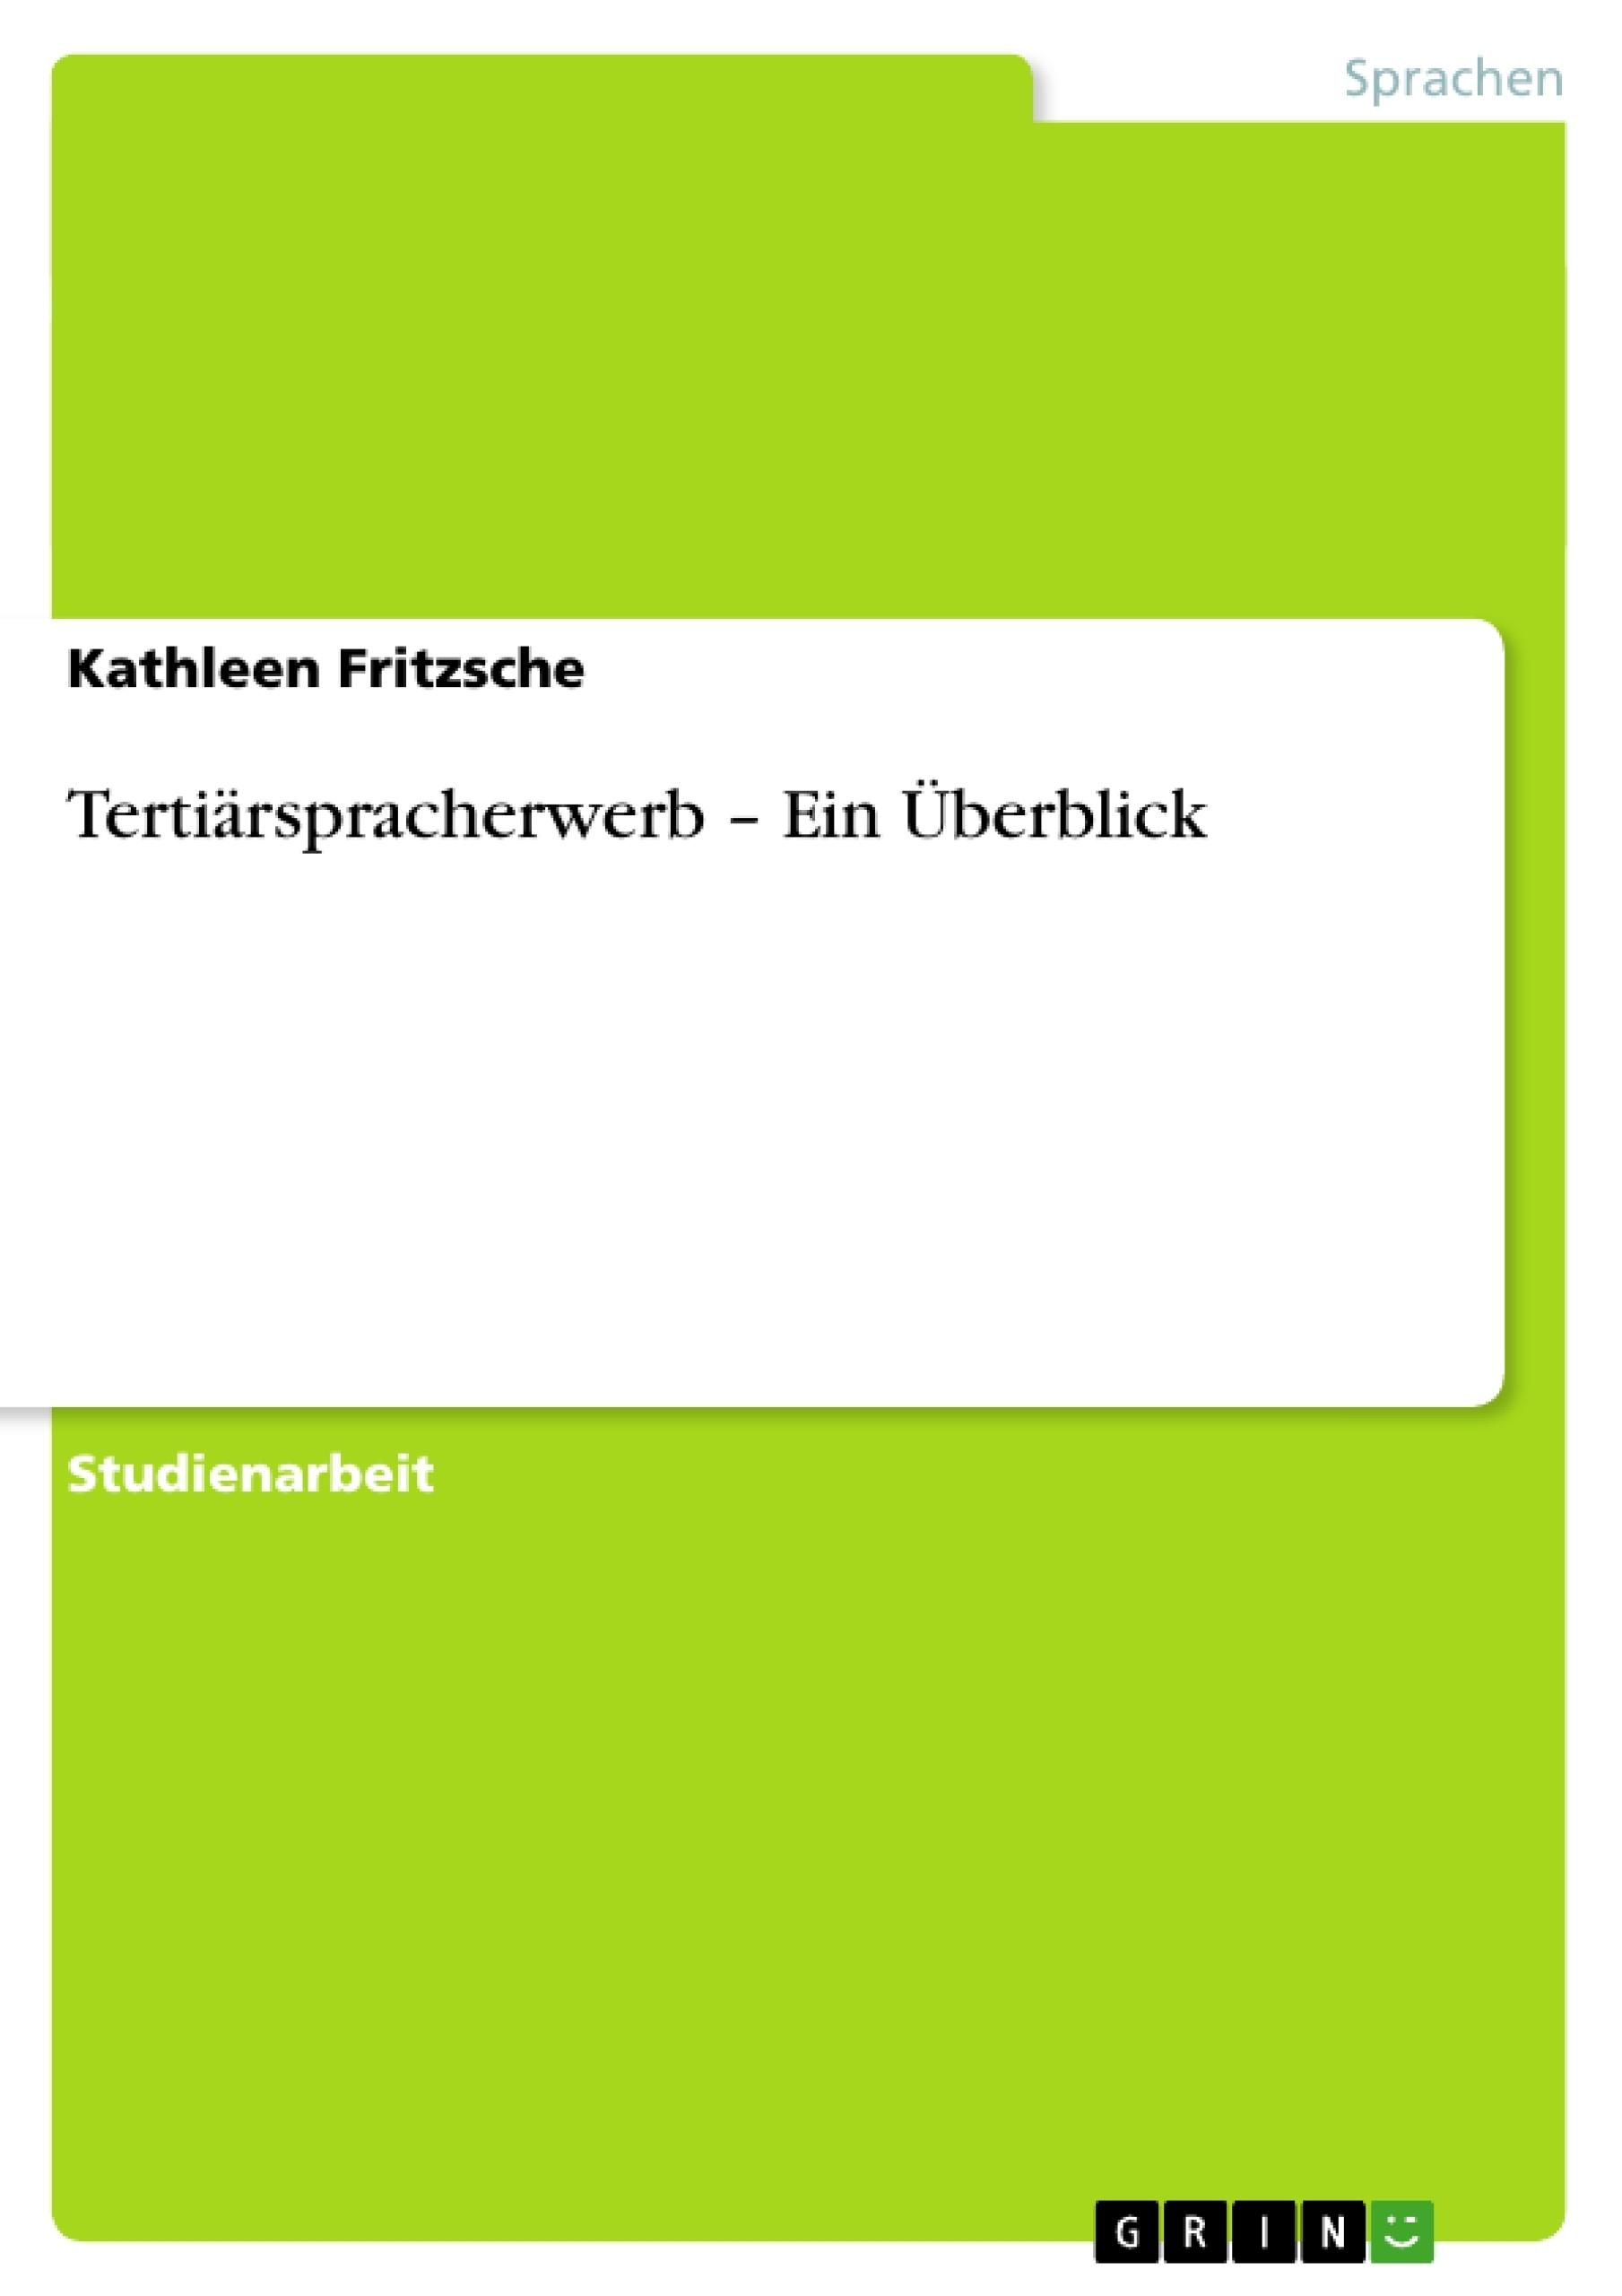 Titel: Tertiärspracherwerb – Ein Überblick